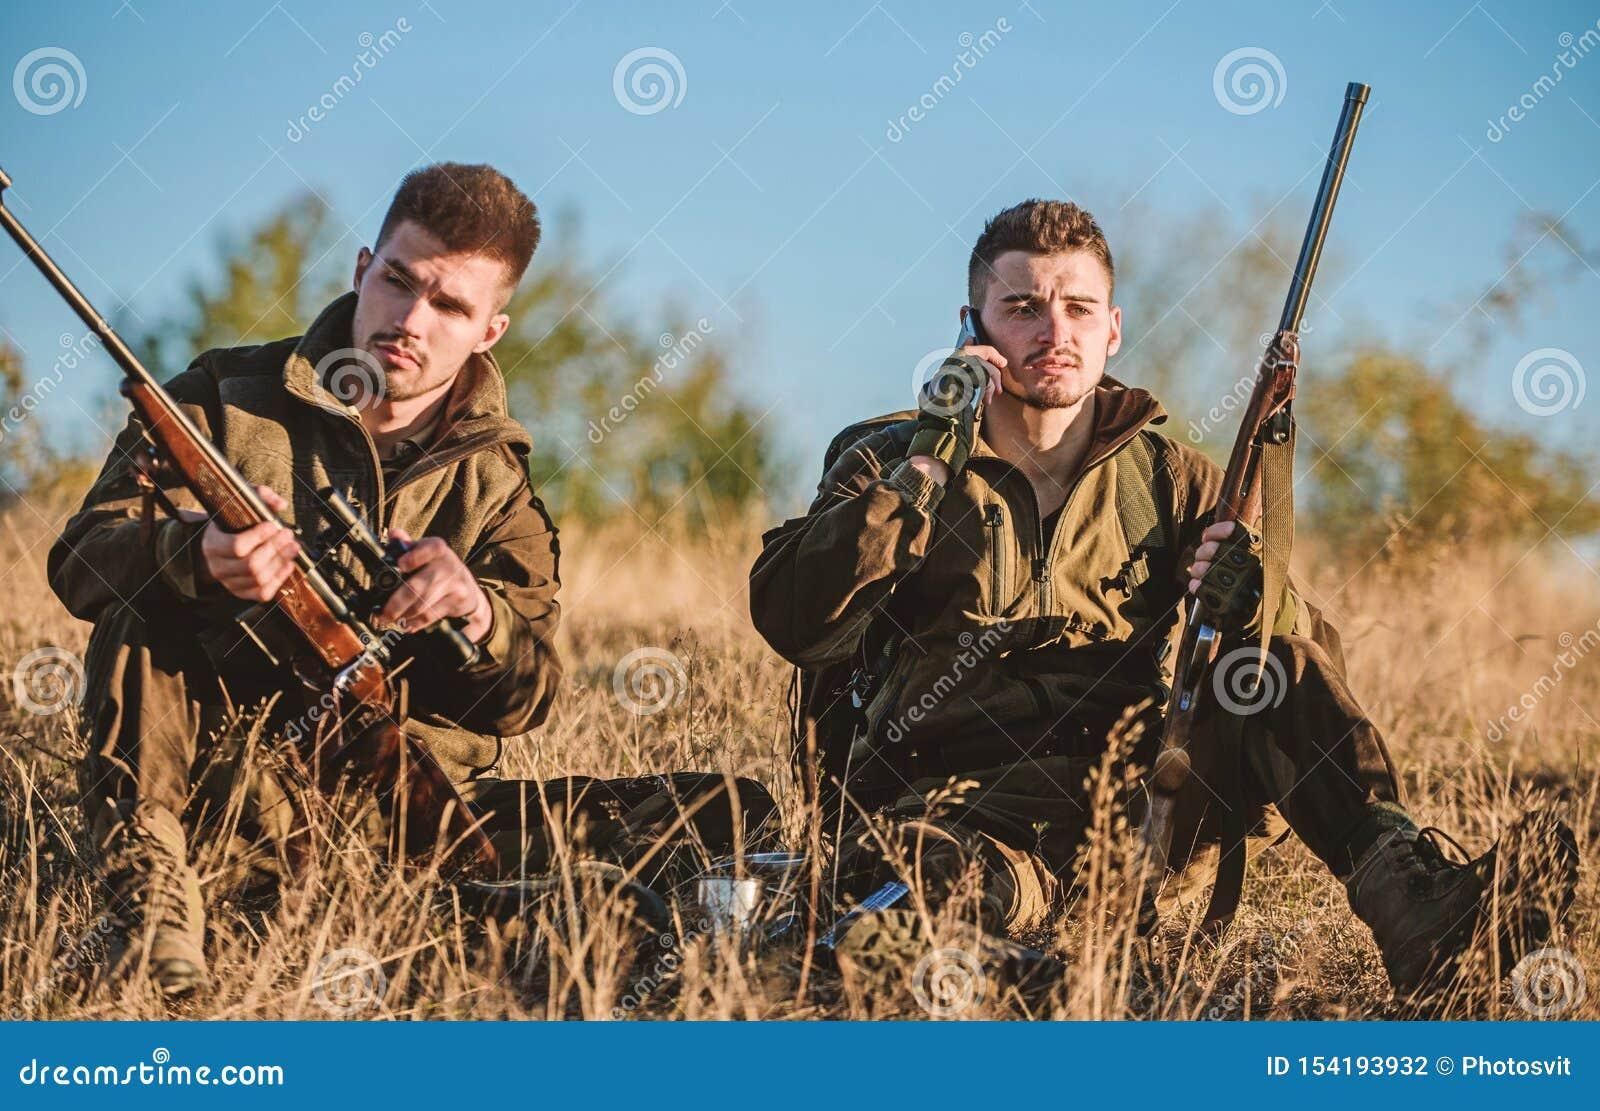 Descanse de verdad el concepto de los hombres Cazadores con los rifles que se relajan en el ambiente de la naturaleza Caza con oc